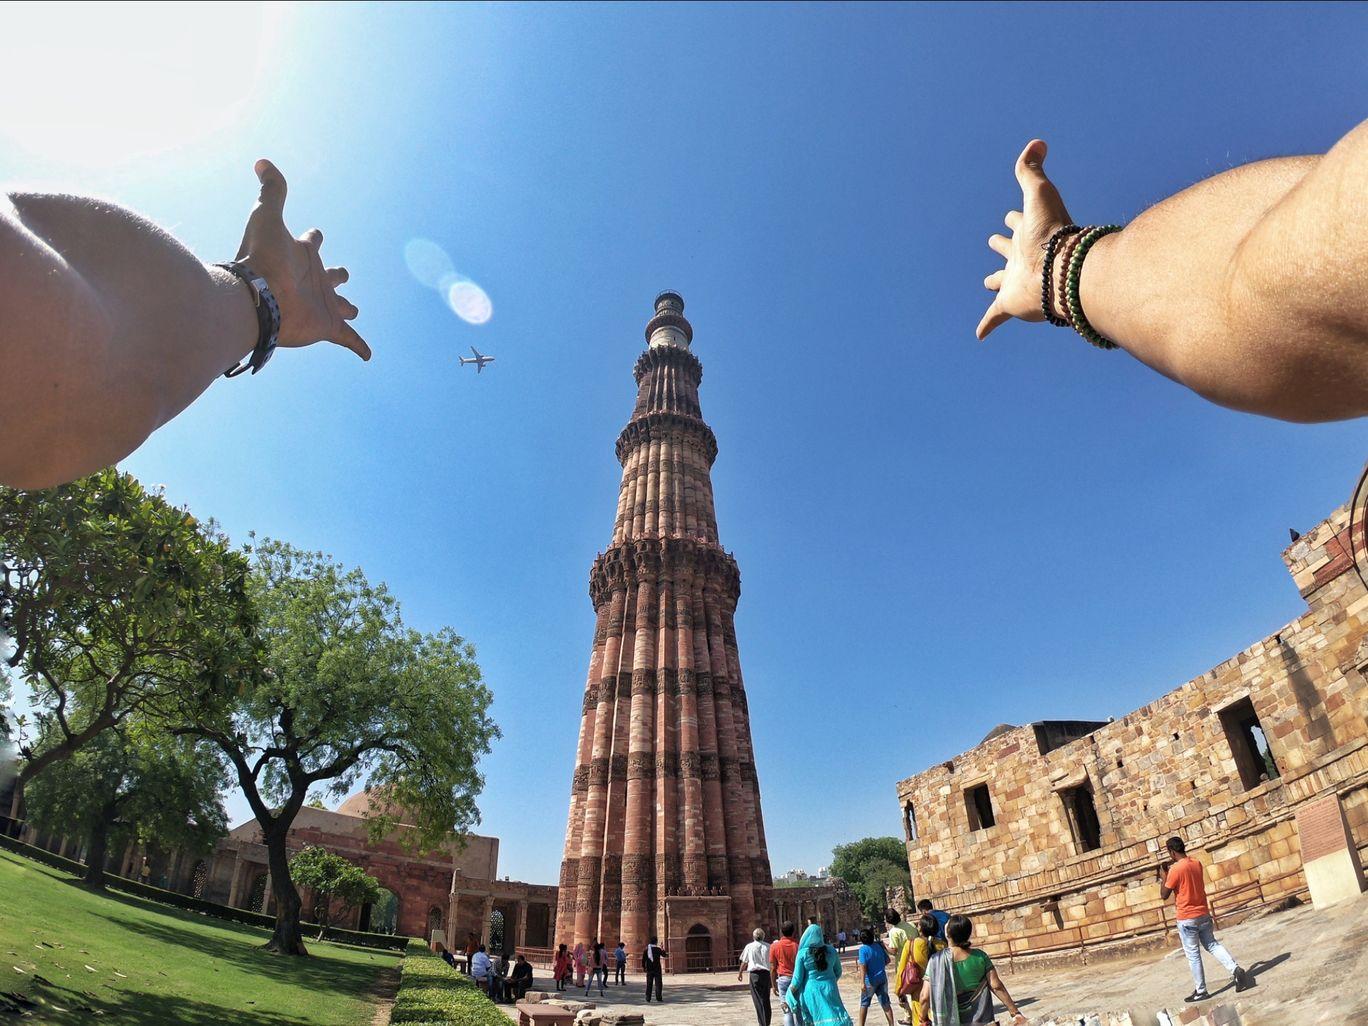 Photo of Qutub Minar By khanabadosh